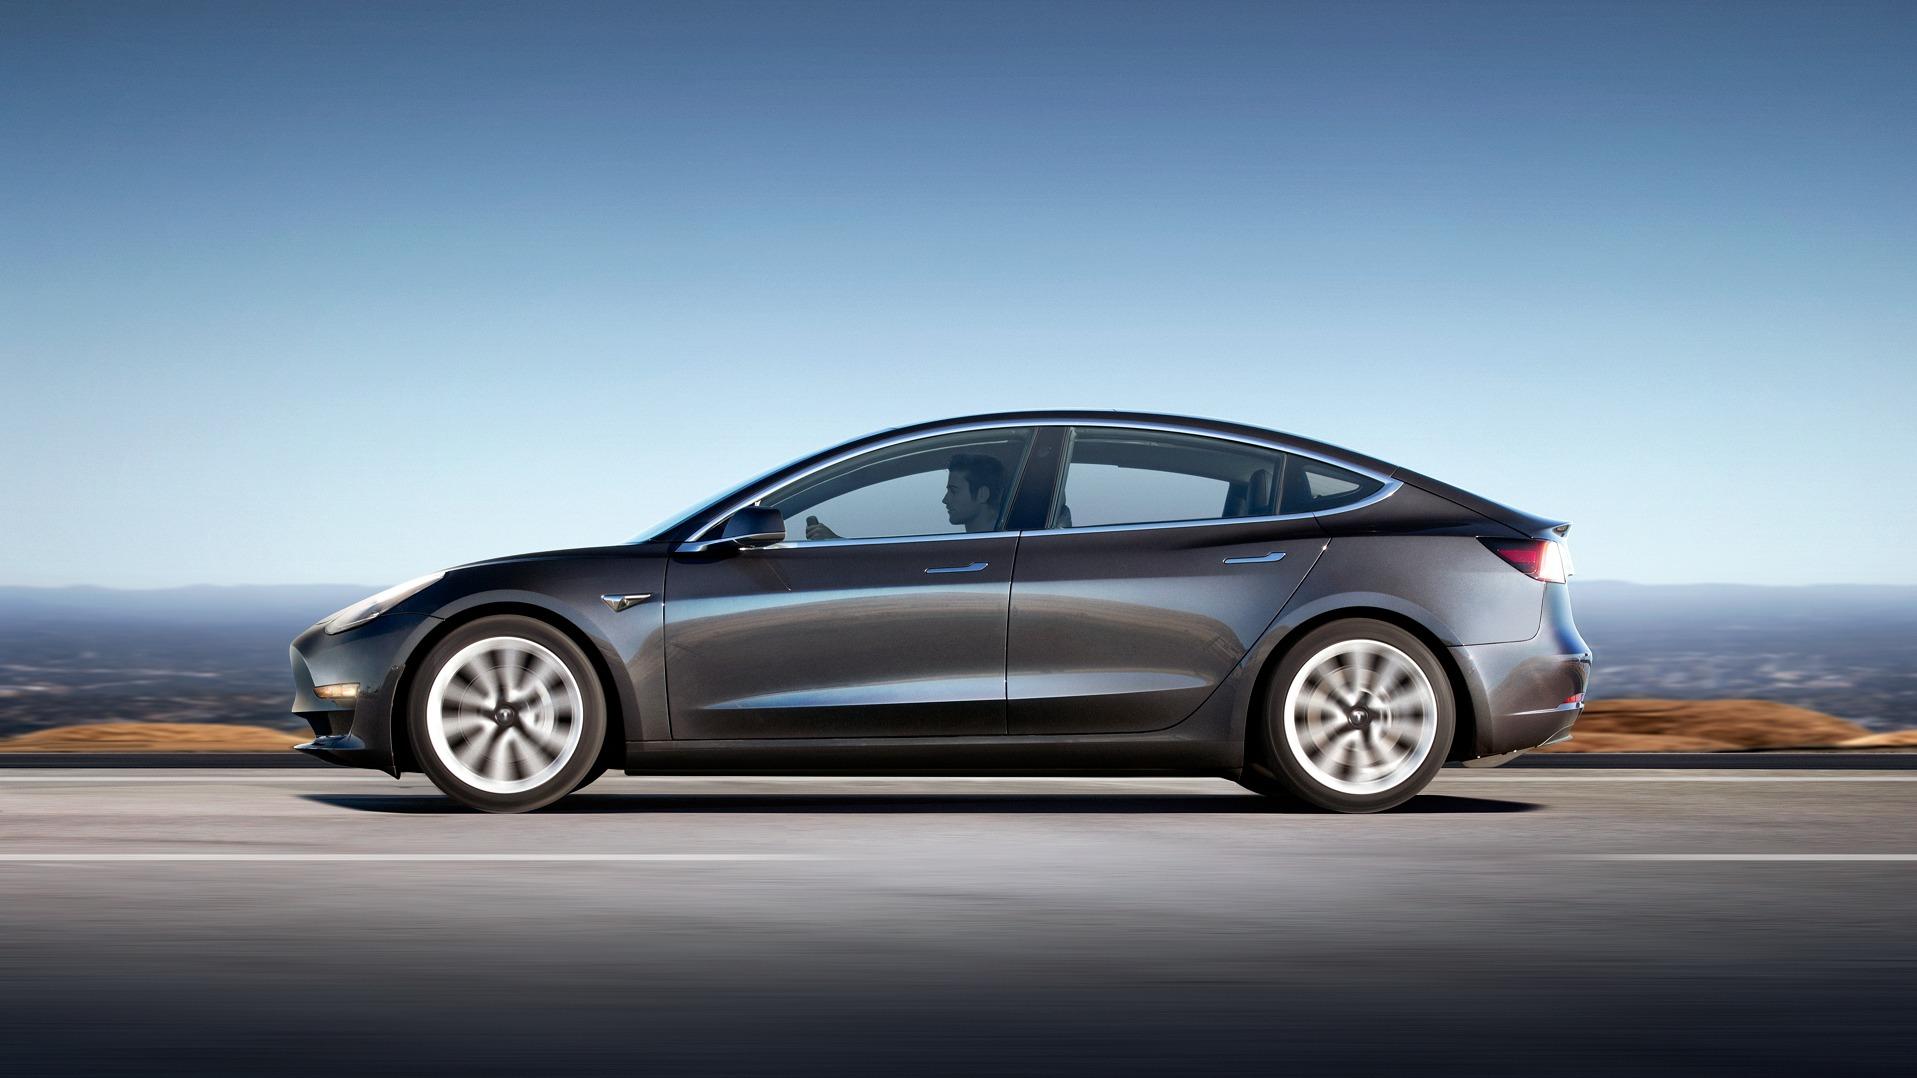 - Tesla mottar flere kanselleringer enn reservasjoner for Model 3.